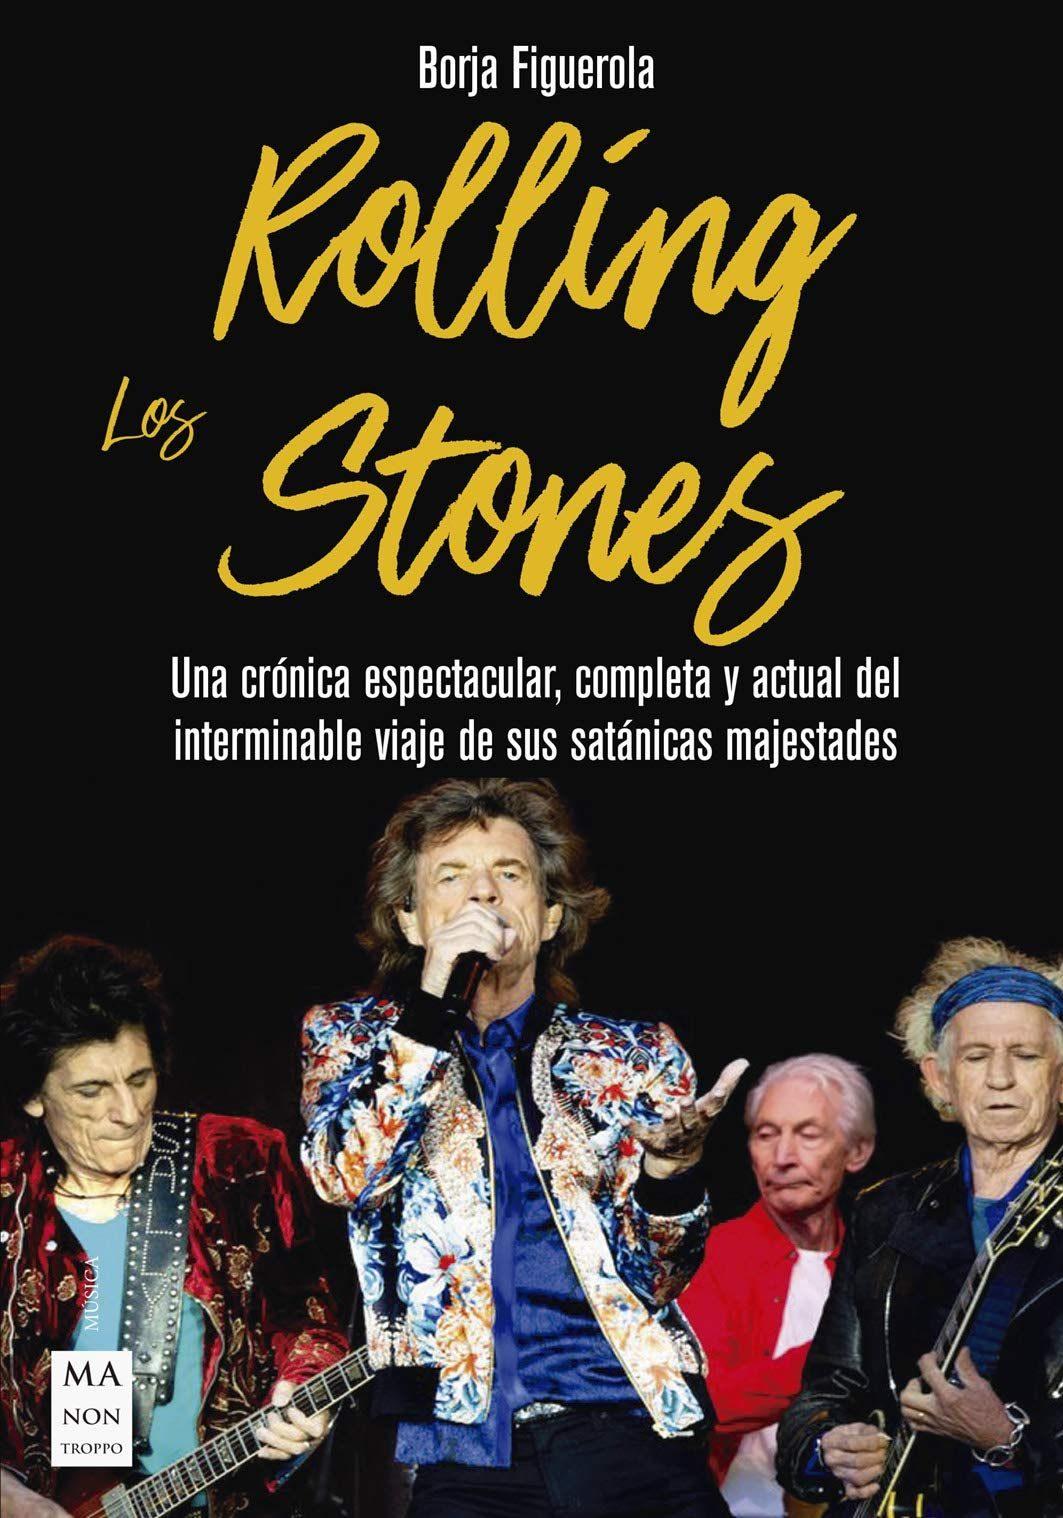 Los Rolling Stones: Una Cronica Espectacular, Completa Y Actual D El Interminable Viaje De Sus Satanicas Majestades por Borja Figueroa